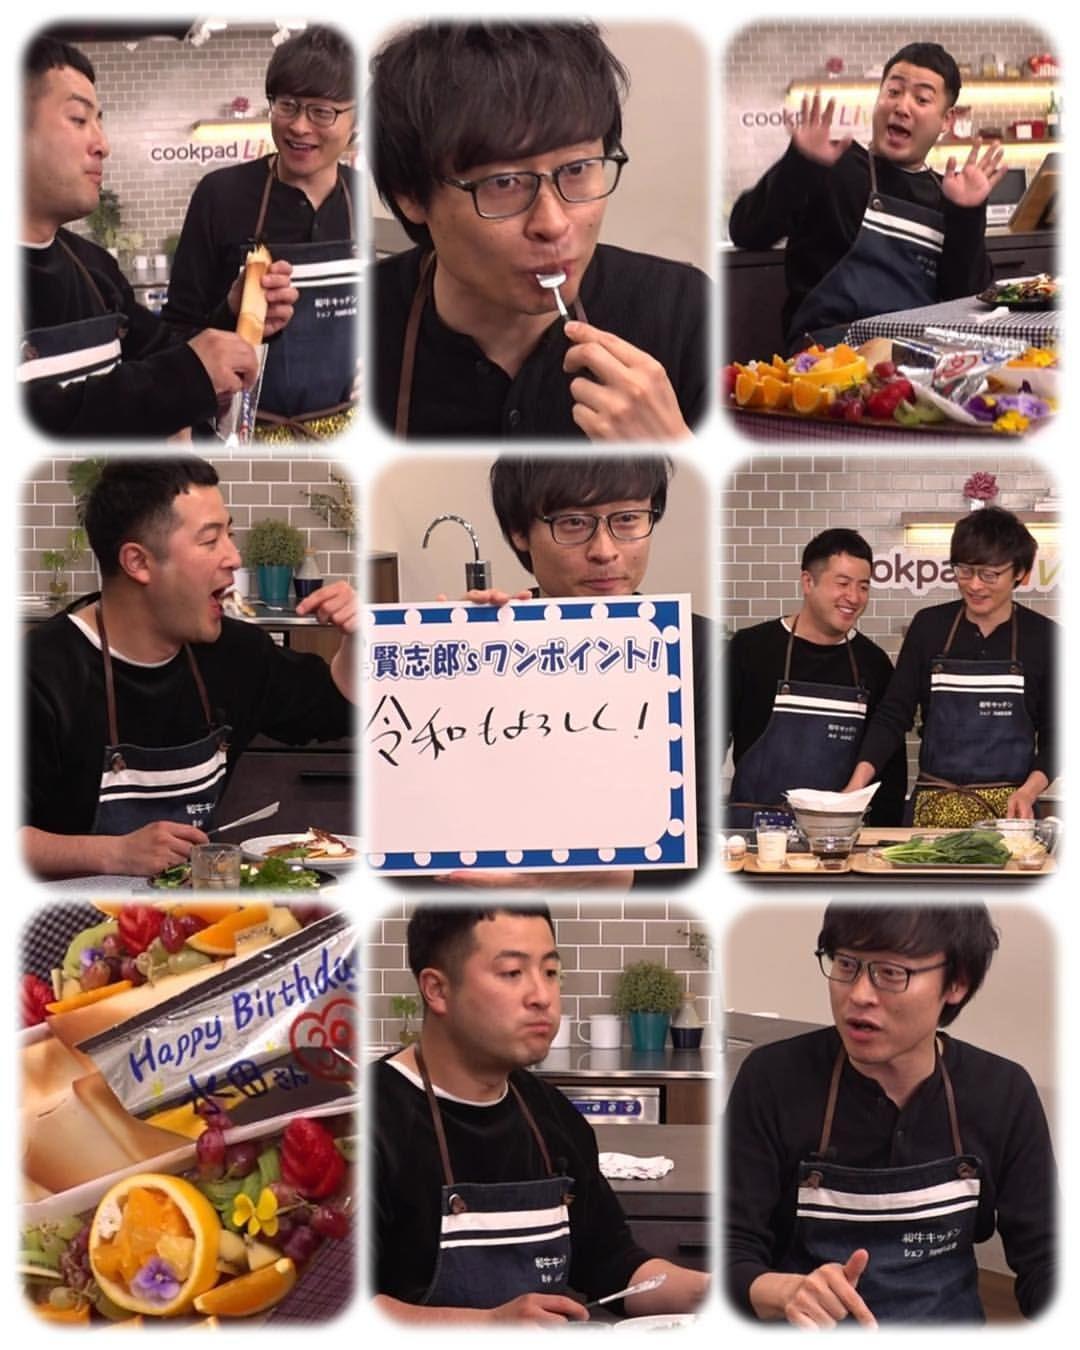 _和牛 水田さんが「もう令和っっ!」を Instagramにあげてくれ